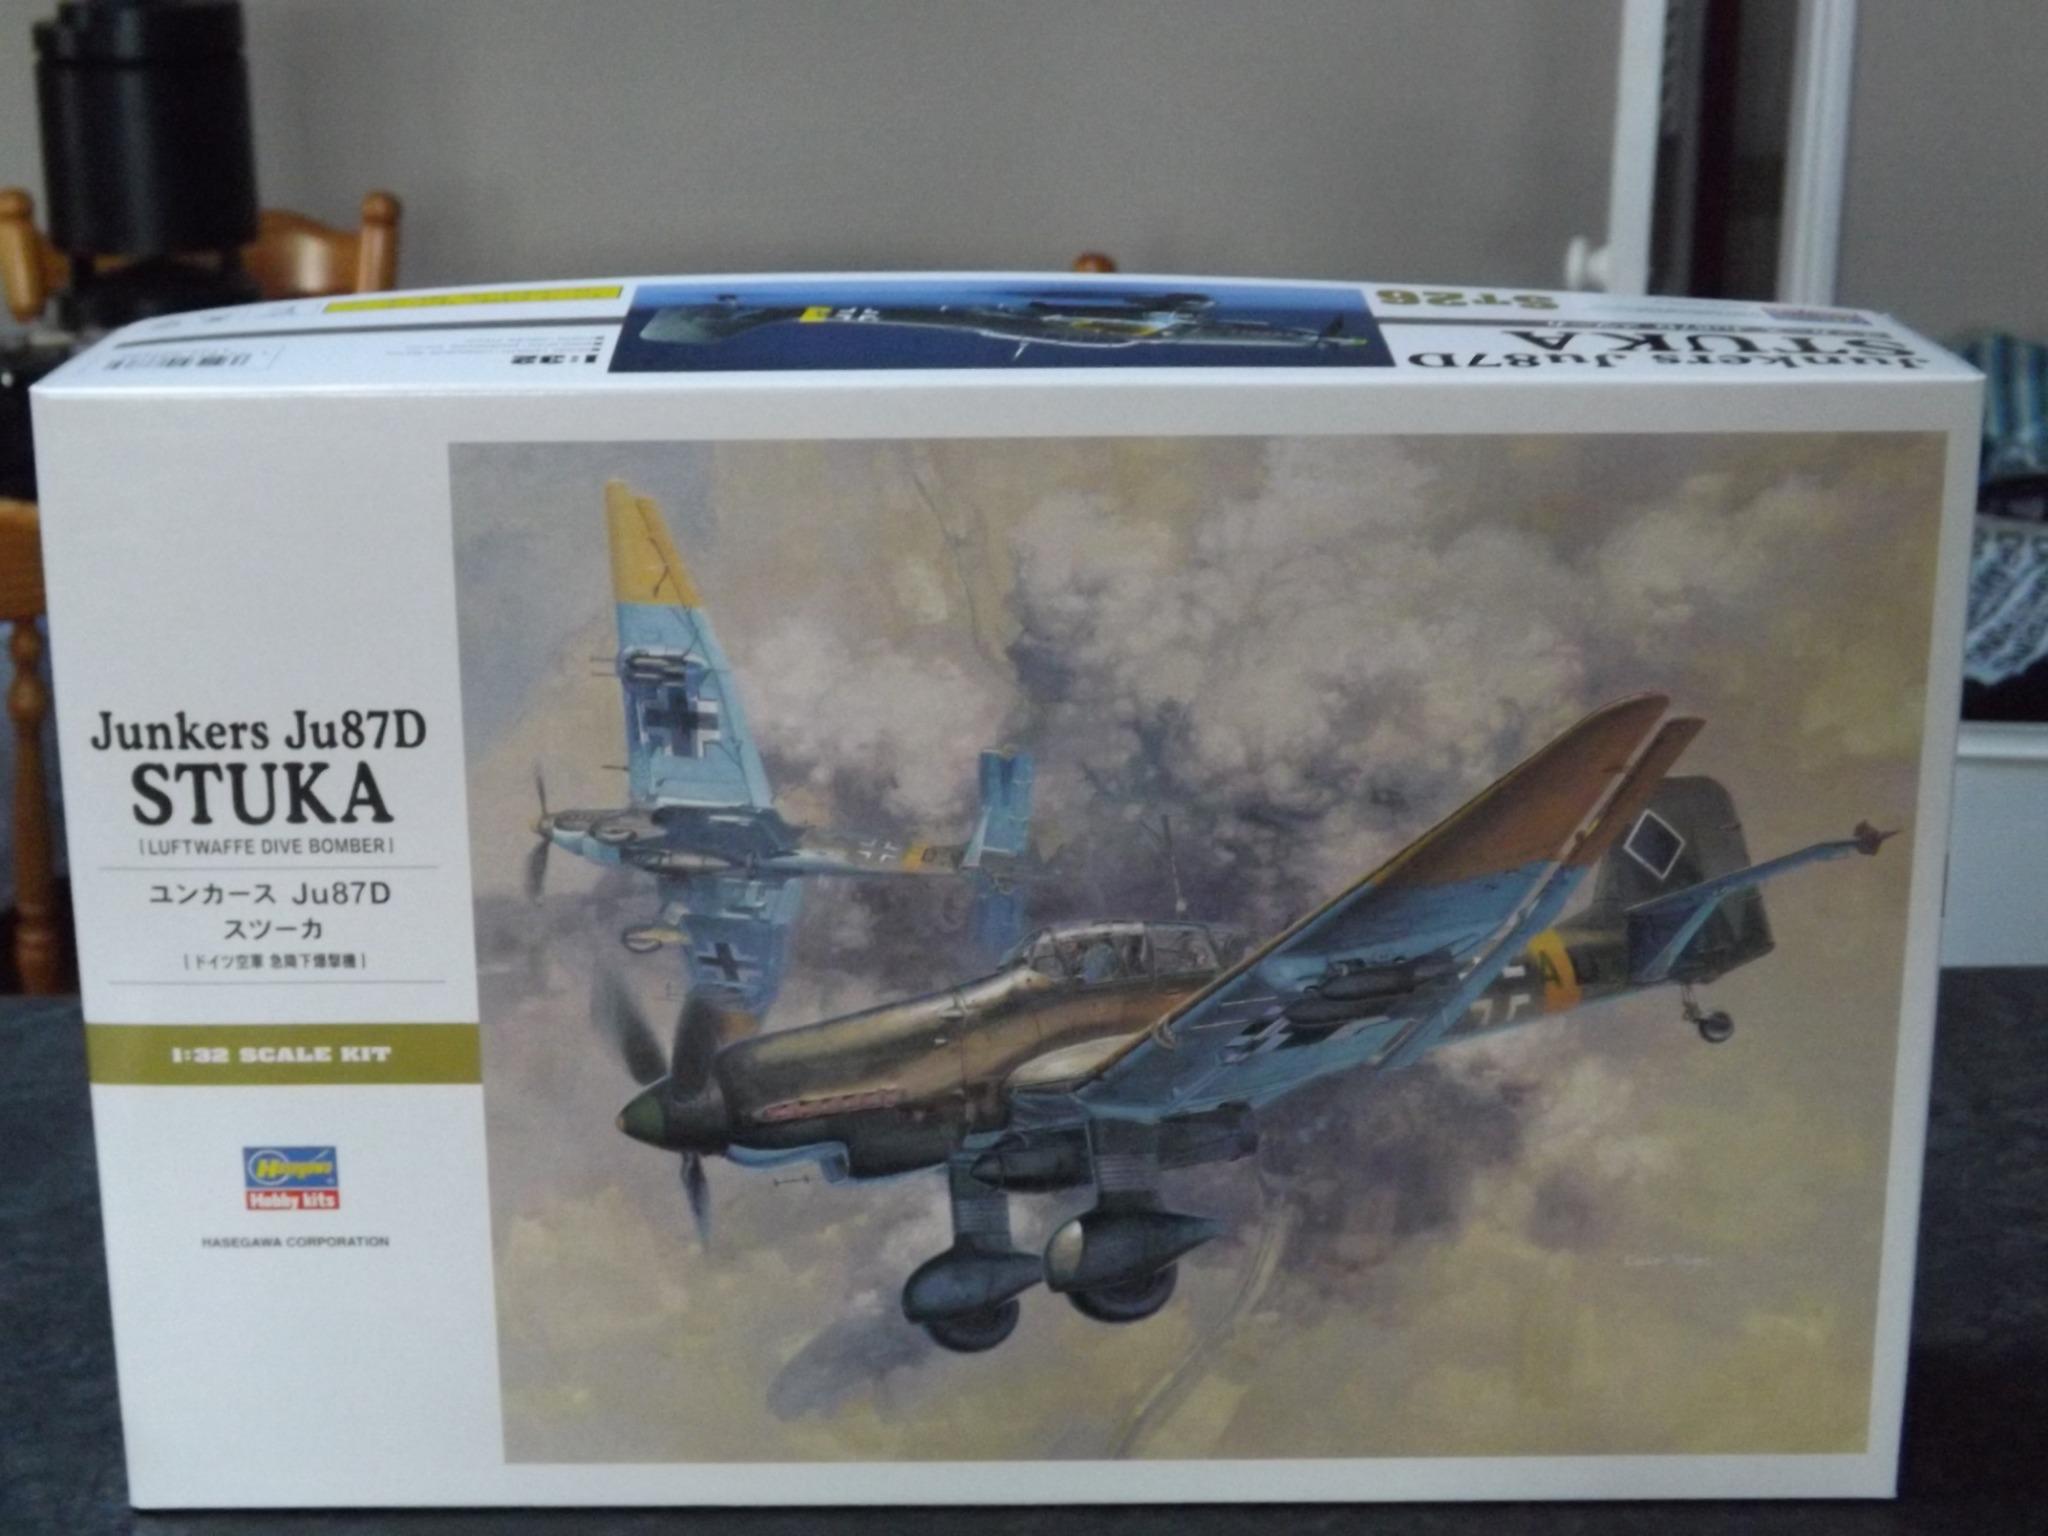 Stuka_2018-08-16.jpg